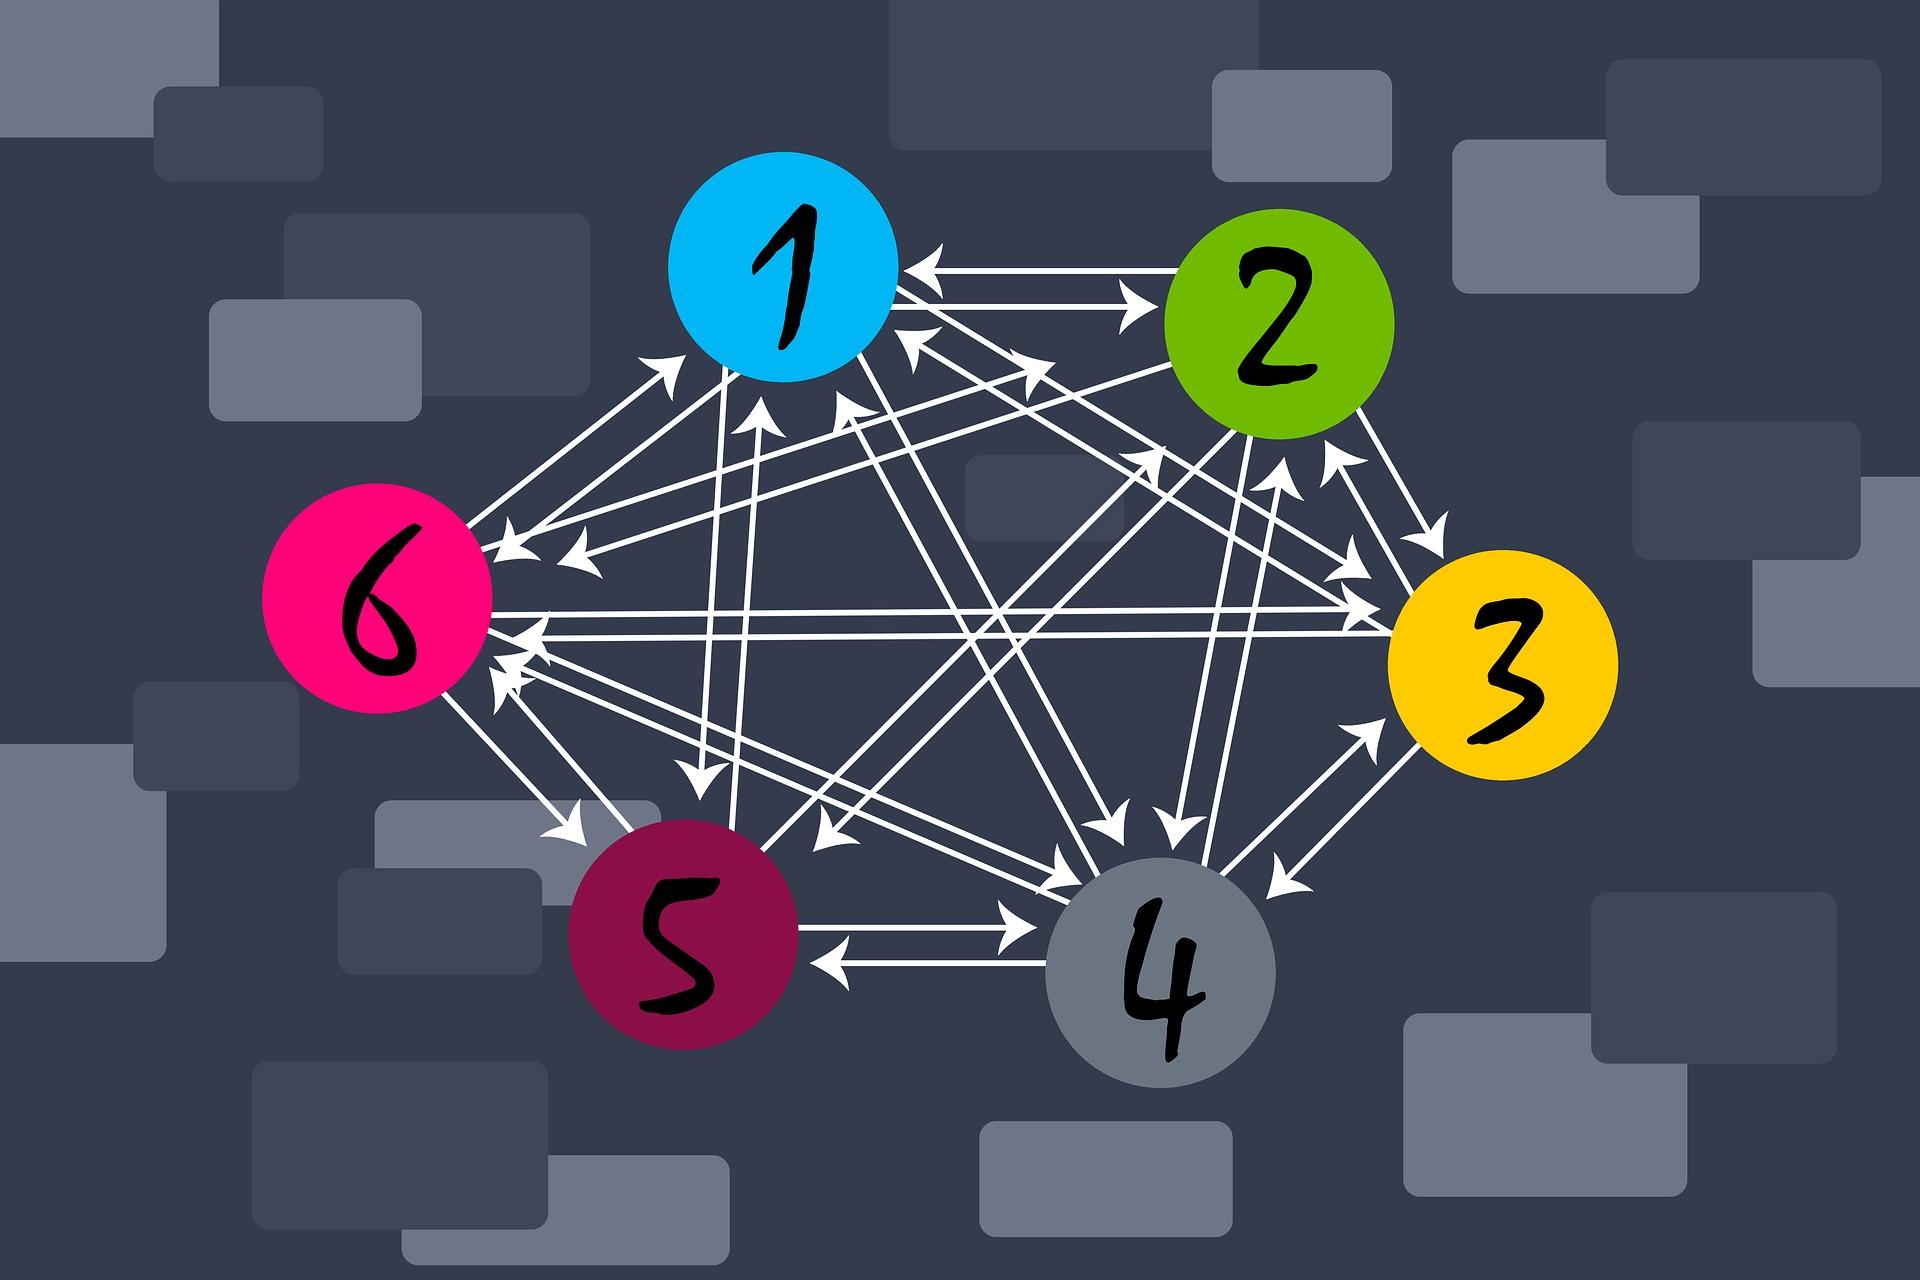 il s'agit de liée les sites entre eux à travers des liens internes ou bien des liens externes.